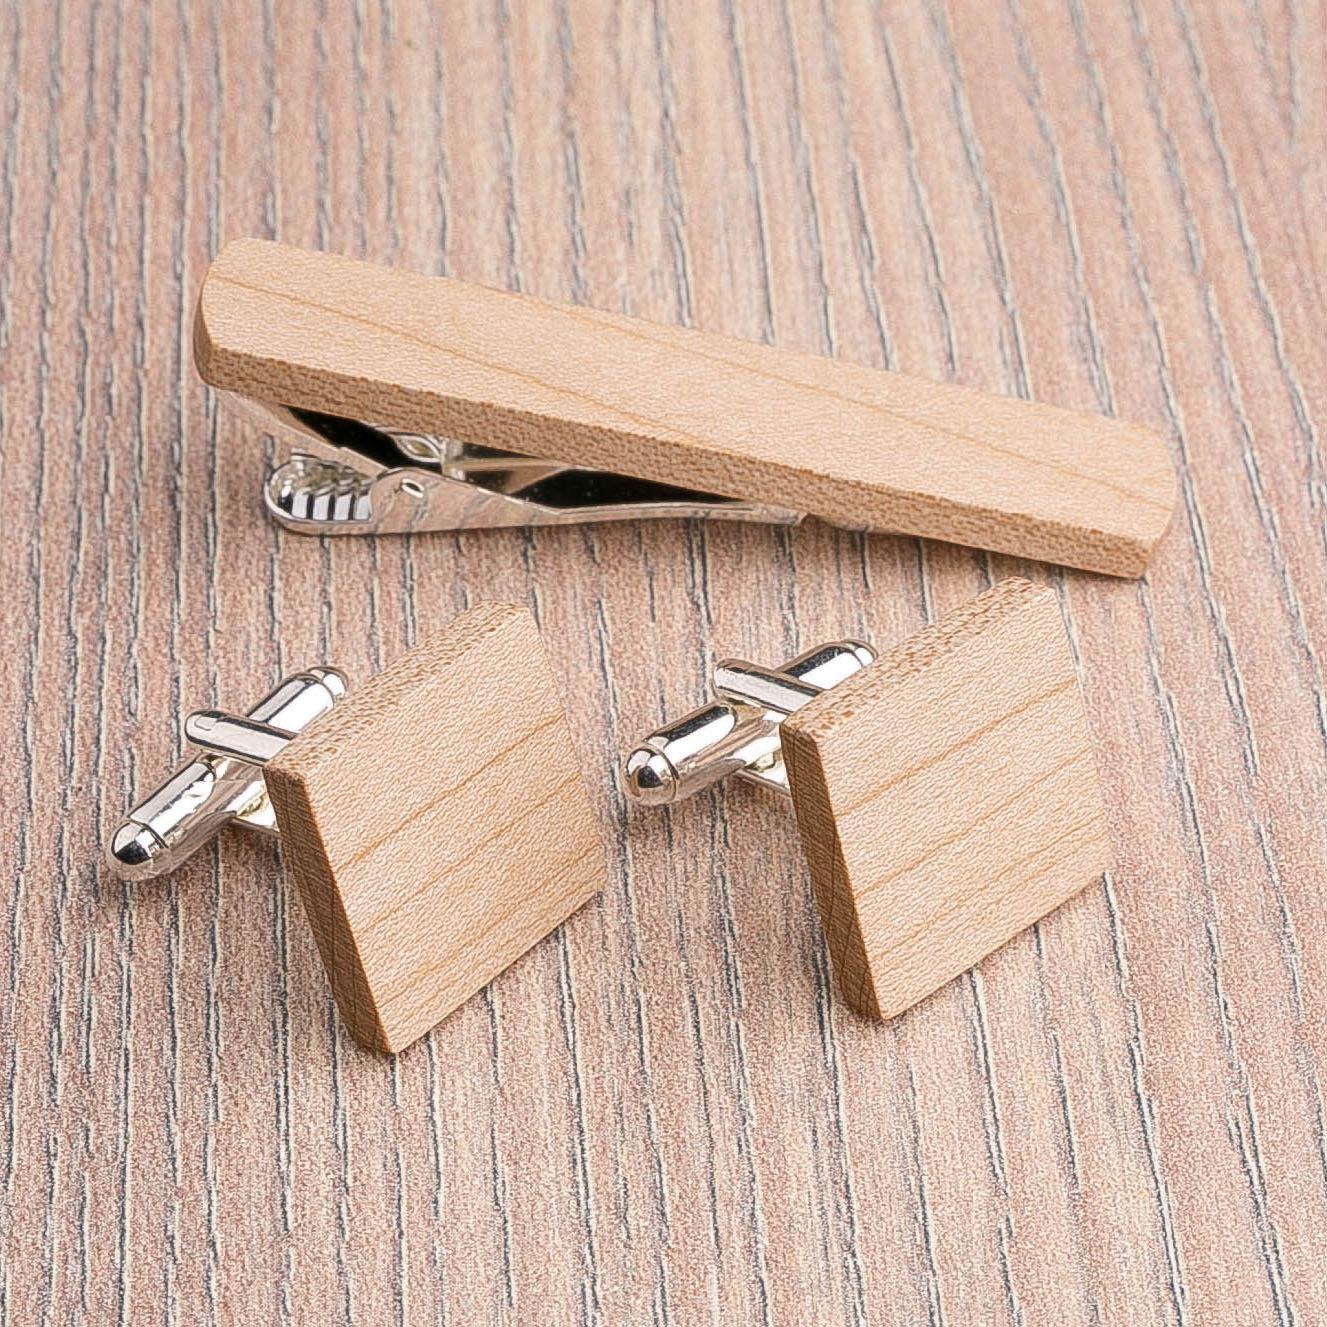 Комплект: Квадратные запонки из дерева и Деревянный зажим для галстука. Массив клена. Гравировка инициалов. Упаковка в комплекте CufflinksSet-SquareMaple